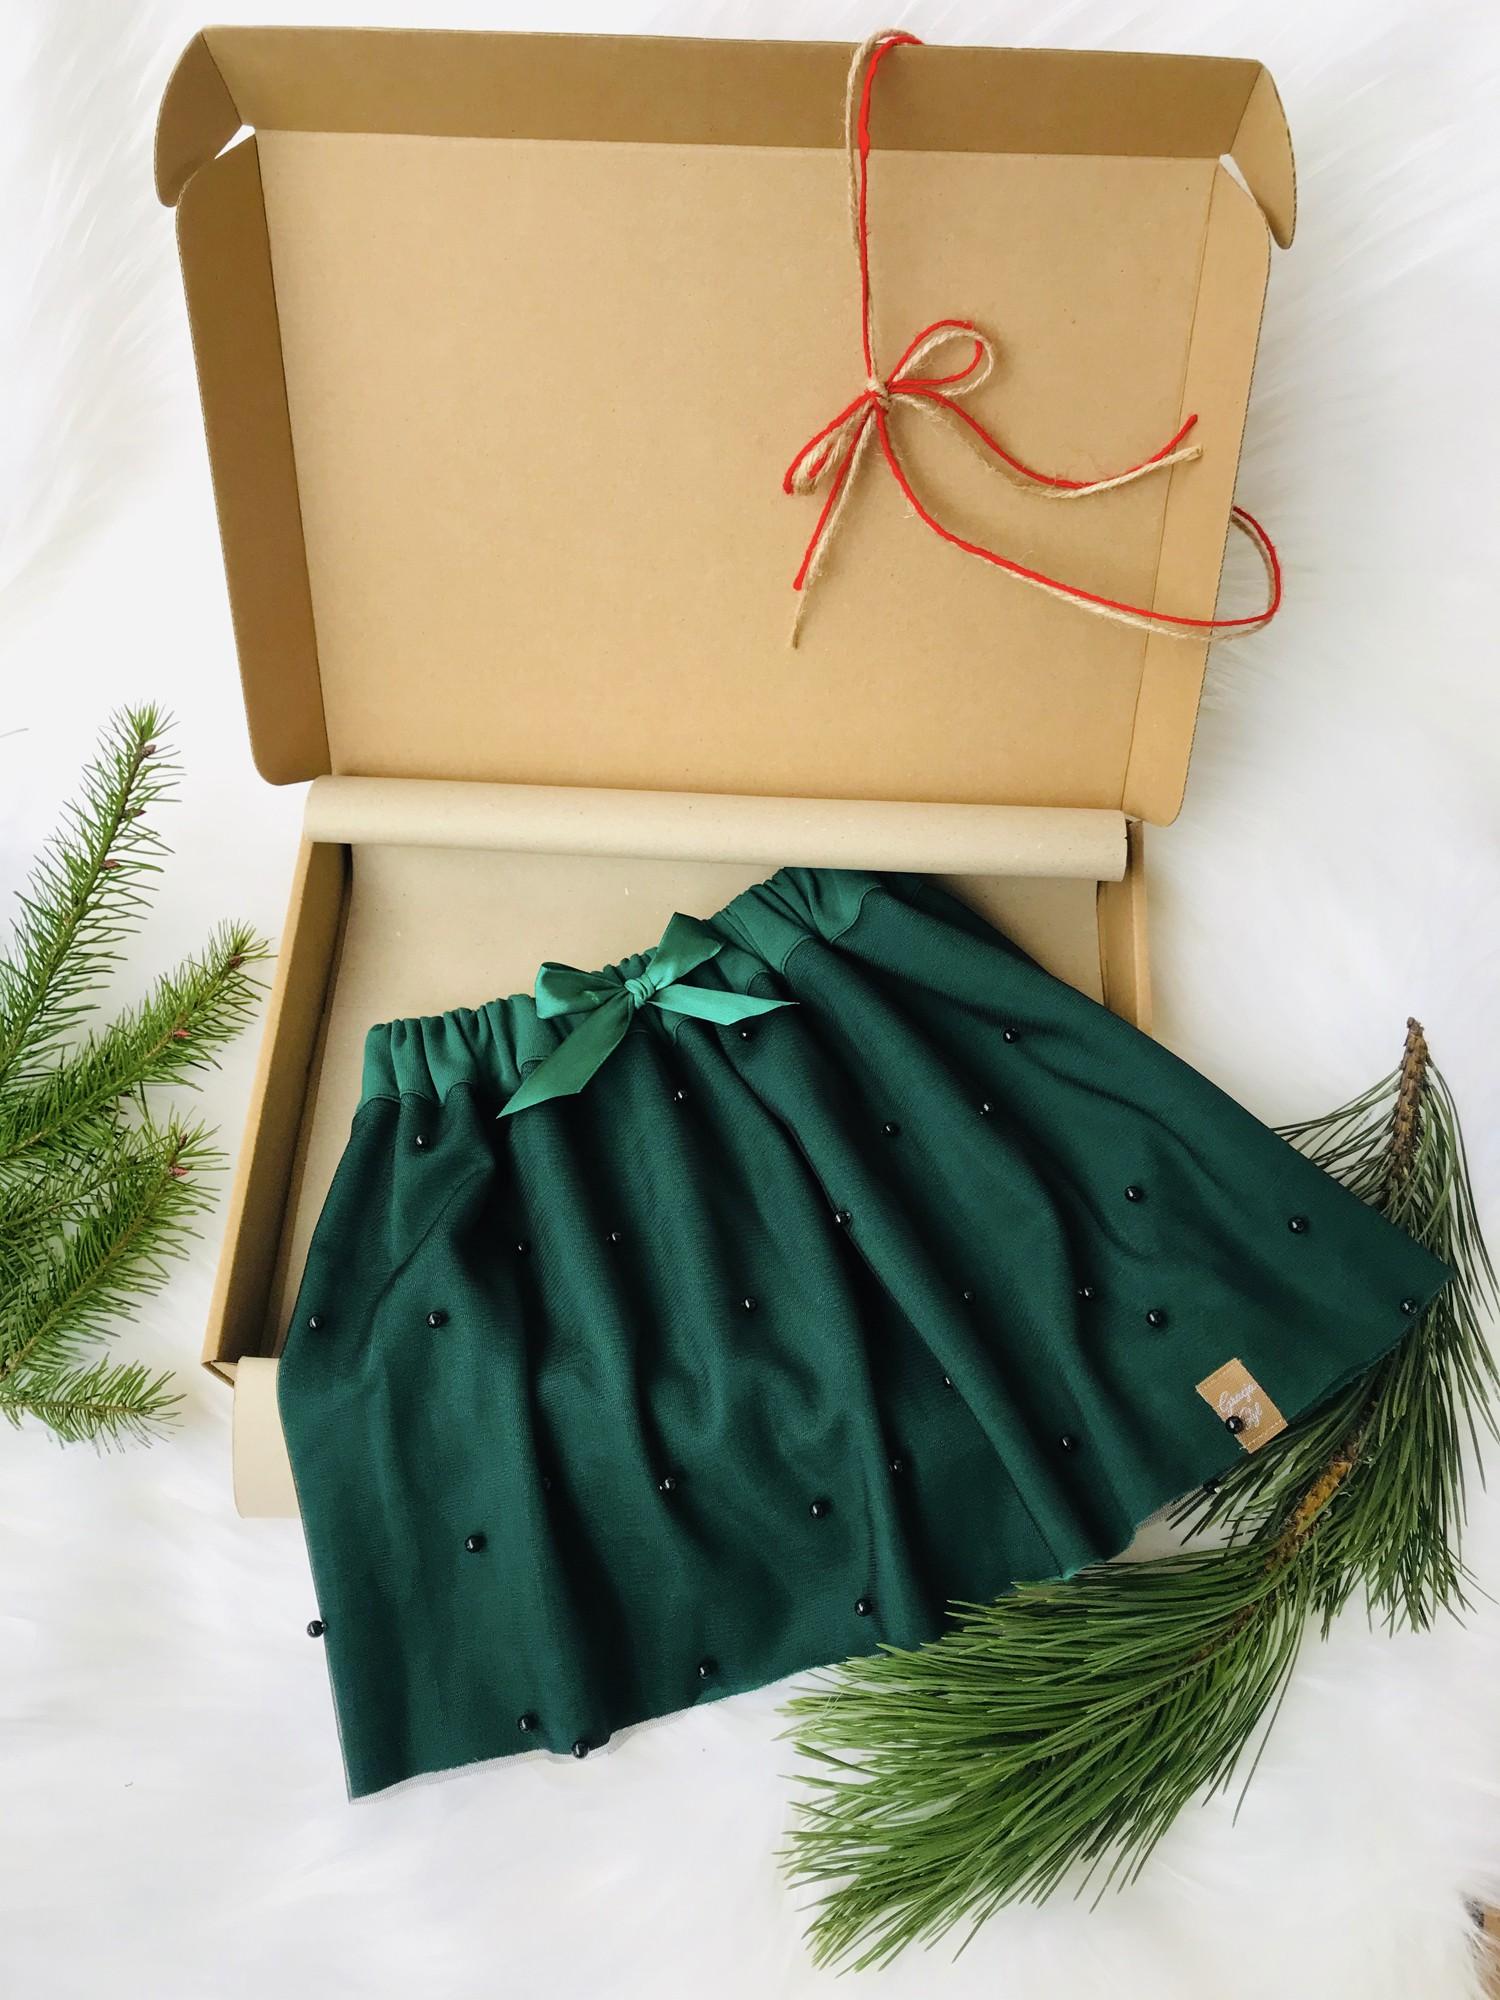 Cudowna Bawełniano-tiulowa Spódniczka kolor butelkowa zieleń